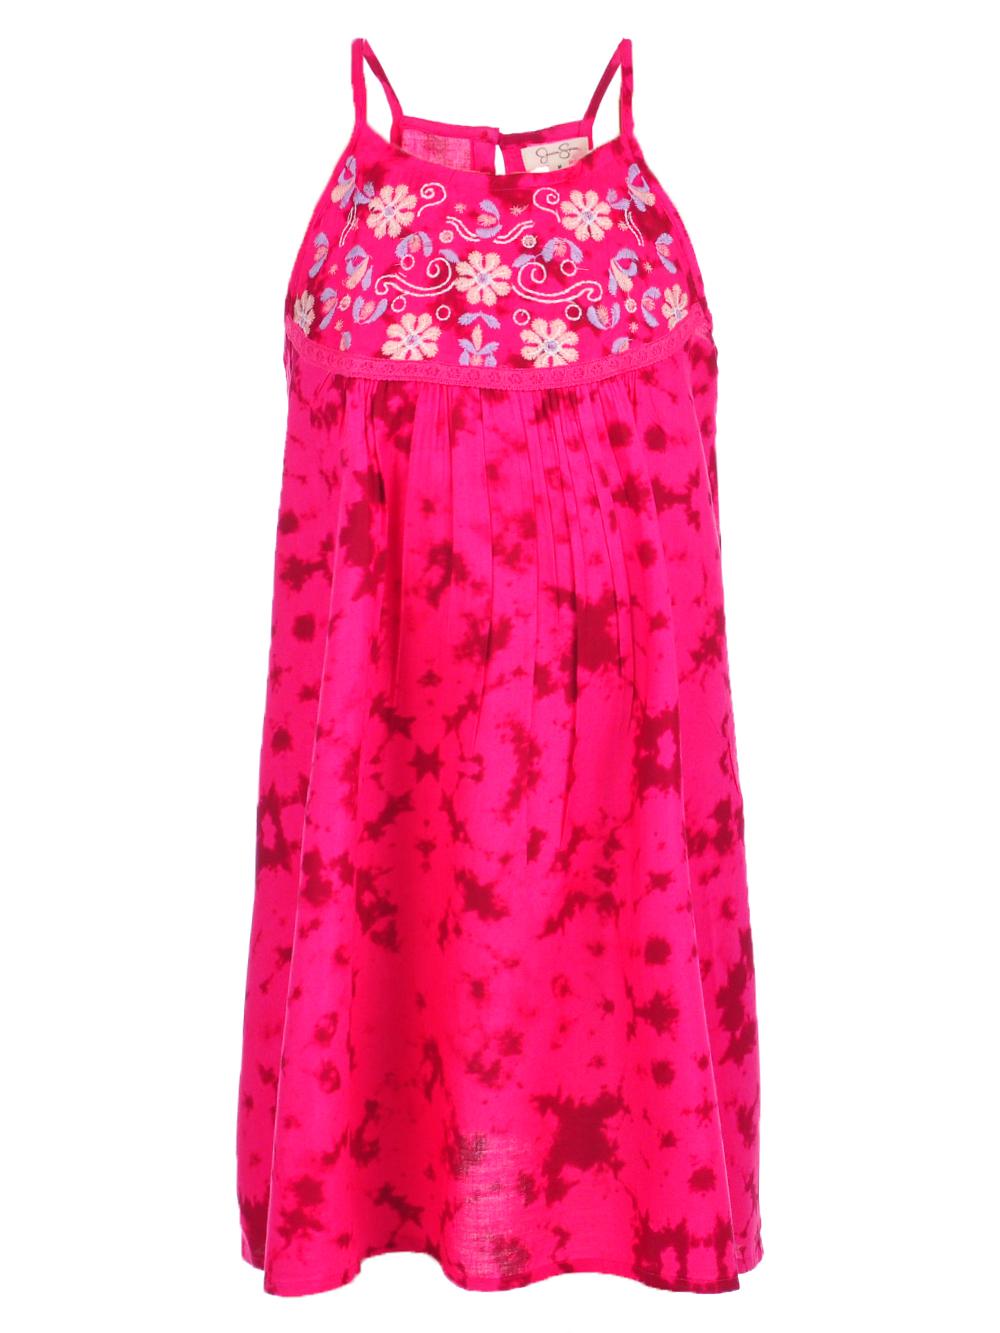 734f6caafbbc Jessica Simpson Girls' Dress